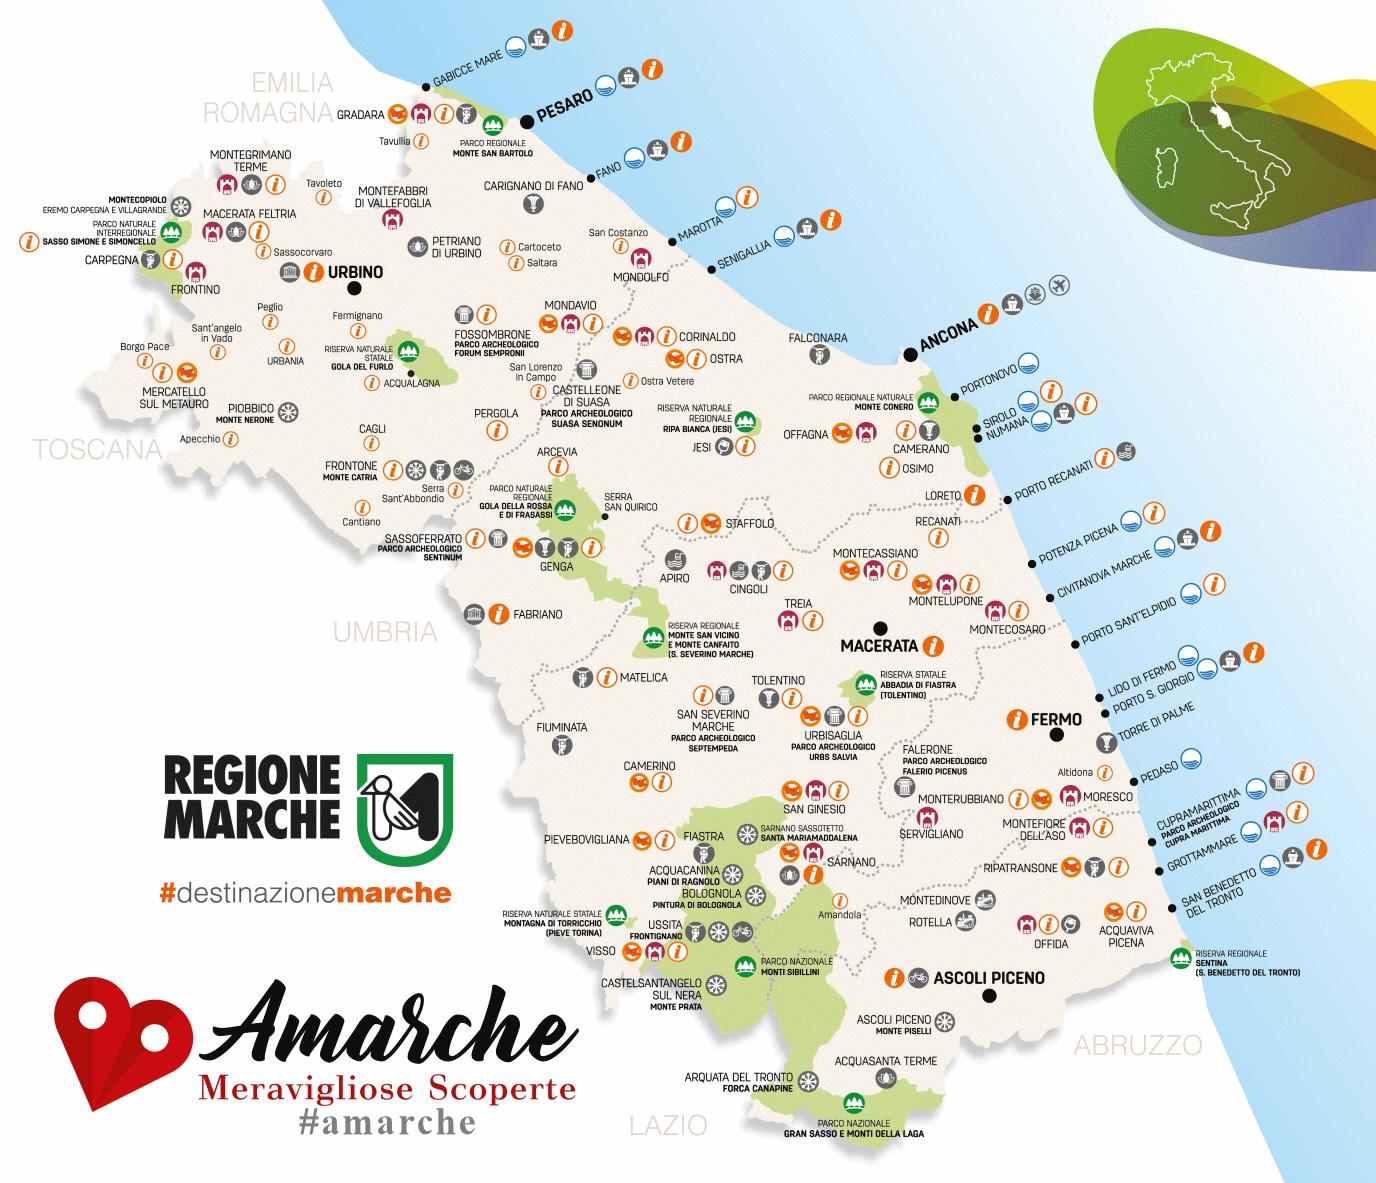 Cartina Le Marche.Cosa Vedere Nelle Province Delle Marche